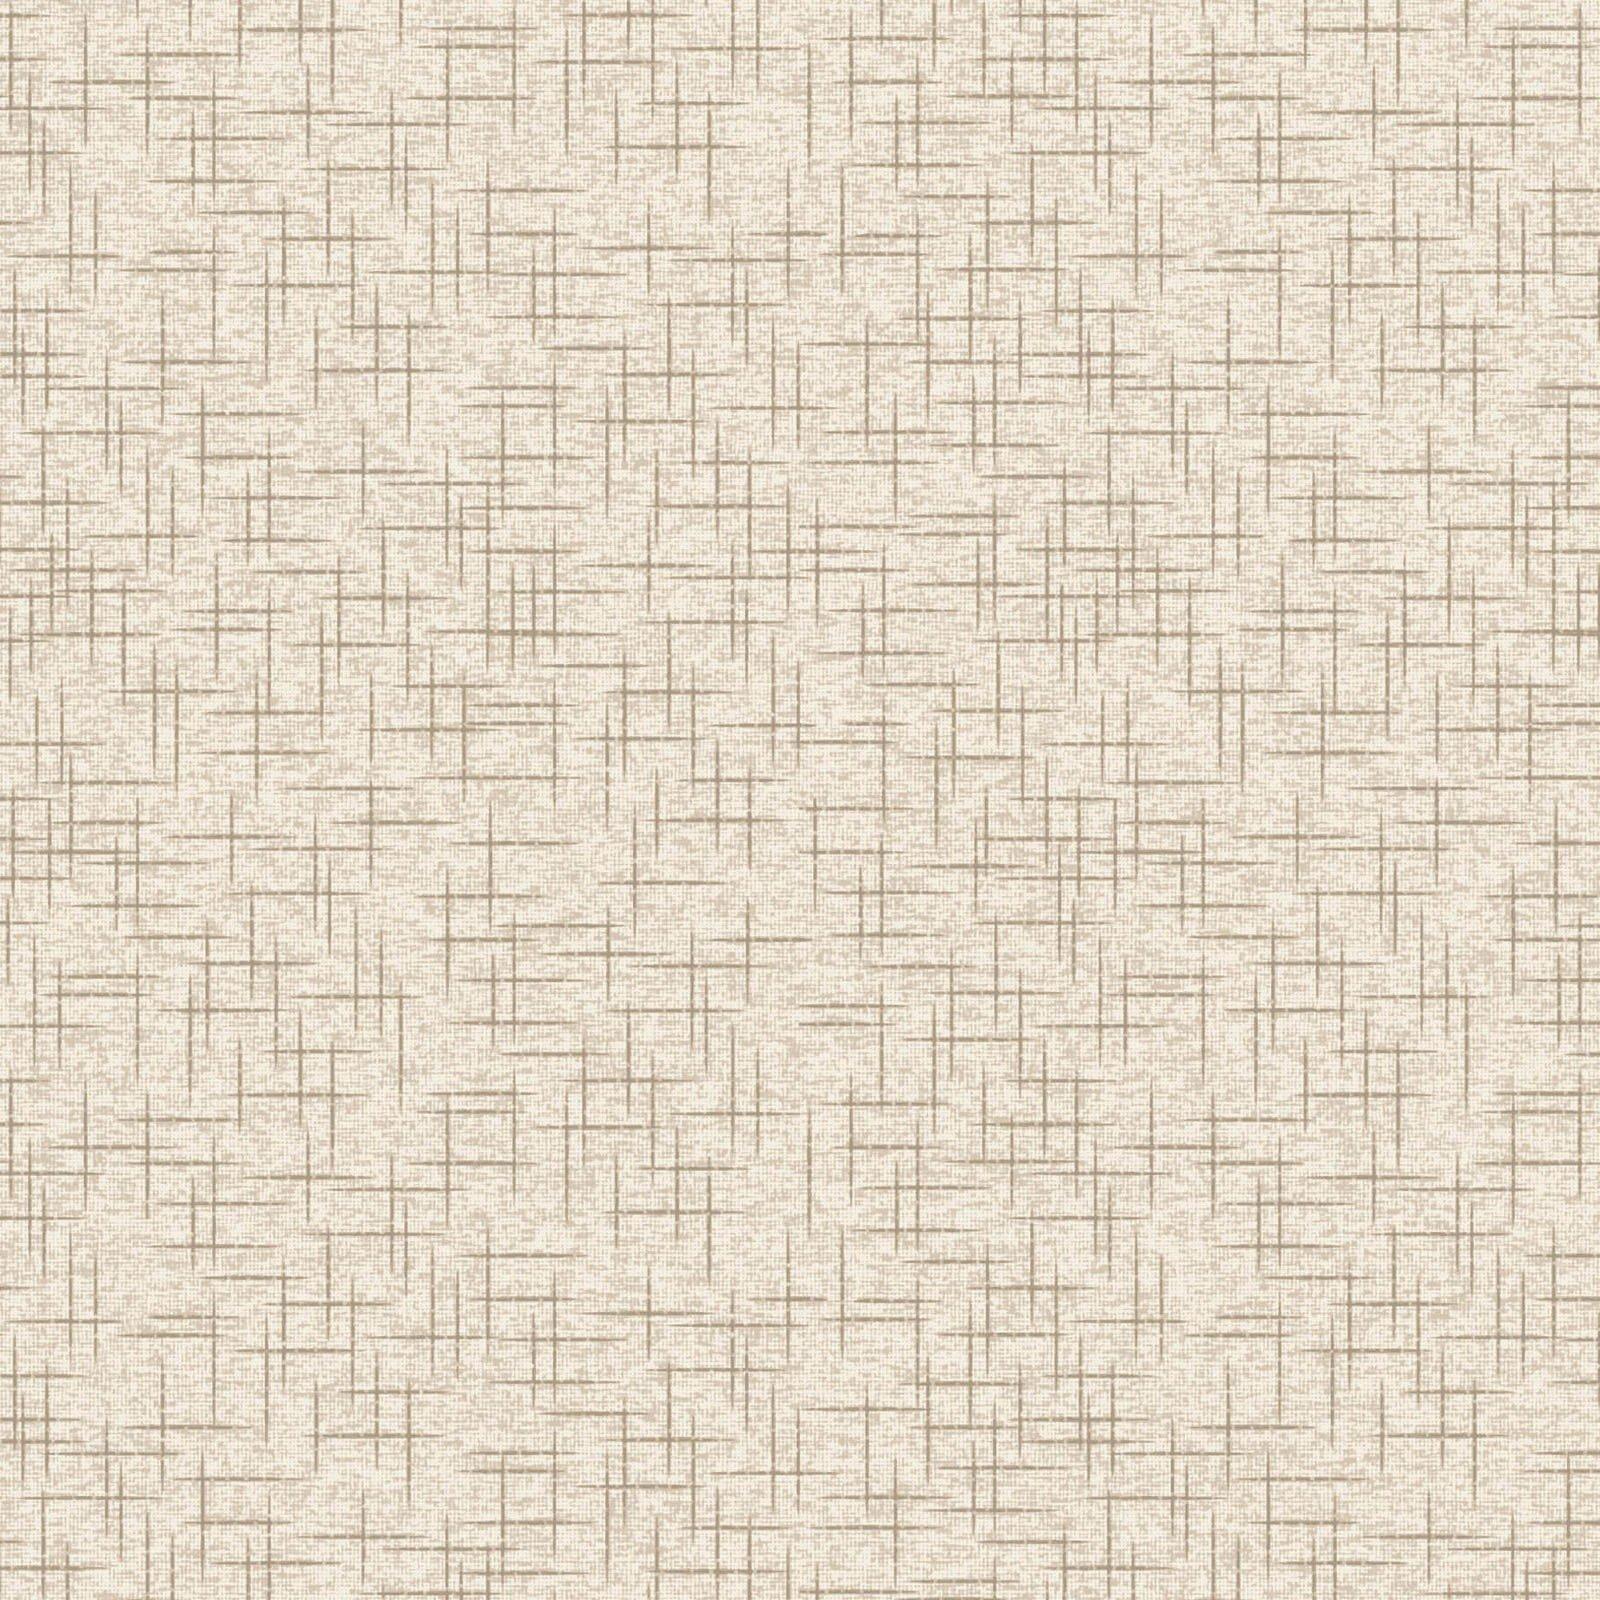 Kimberbell Basics Linen Texture Taupe/Tan MAS9399-T